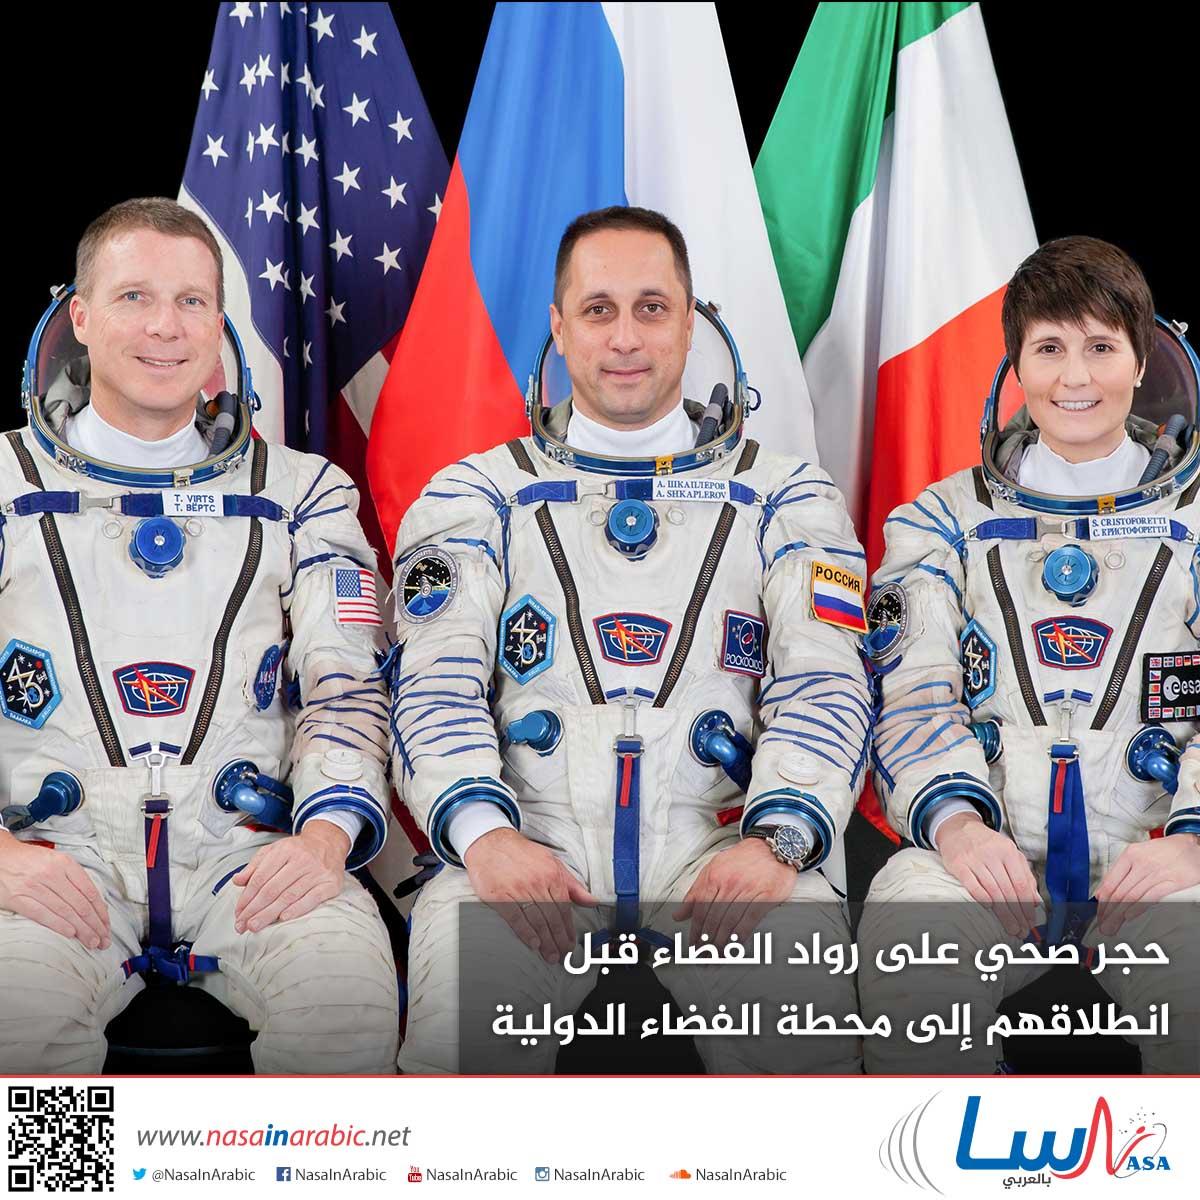 حجر صحي على رواد الفضاء قبل انطلاقهم إلى محطة الفضاء الدولية